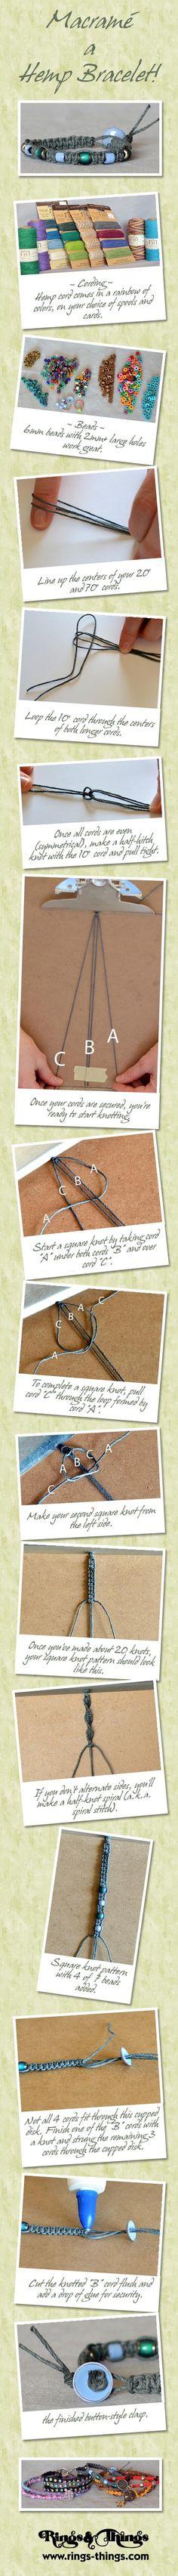 Macrame Bracelet Tutorial from Rings & things